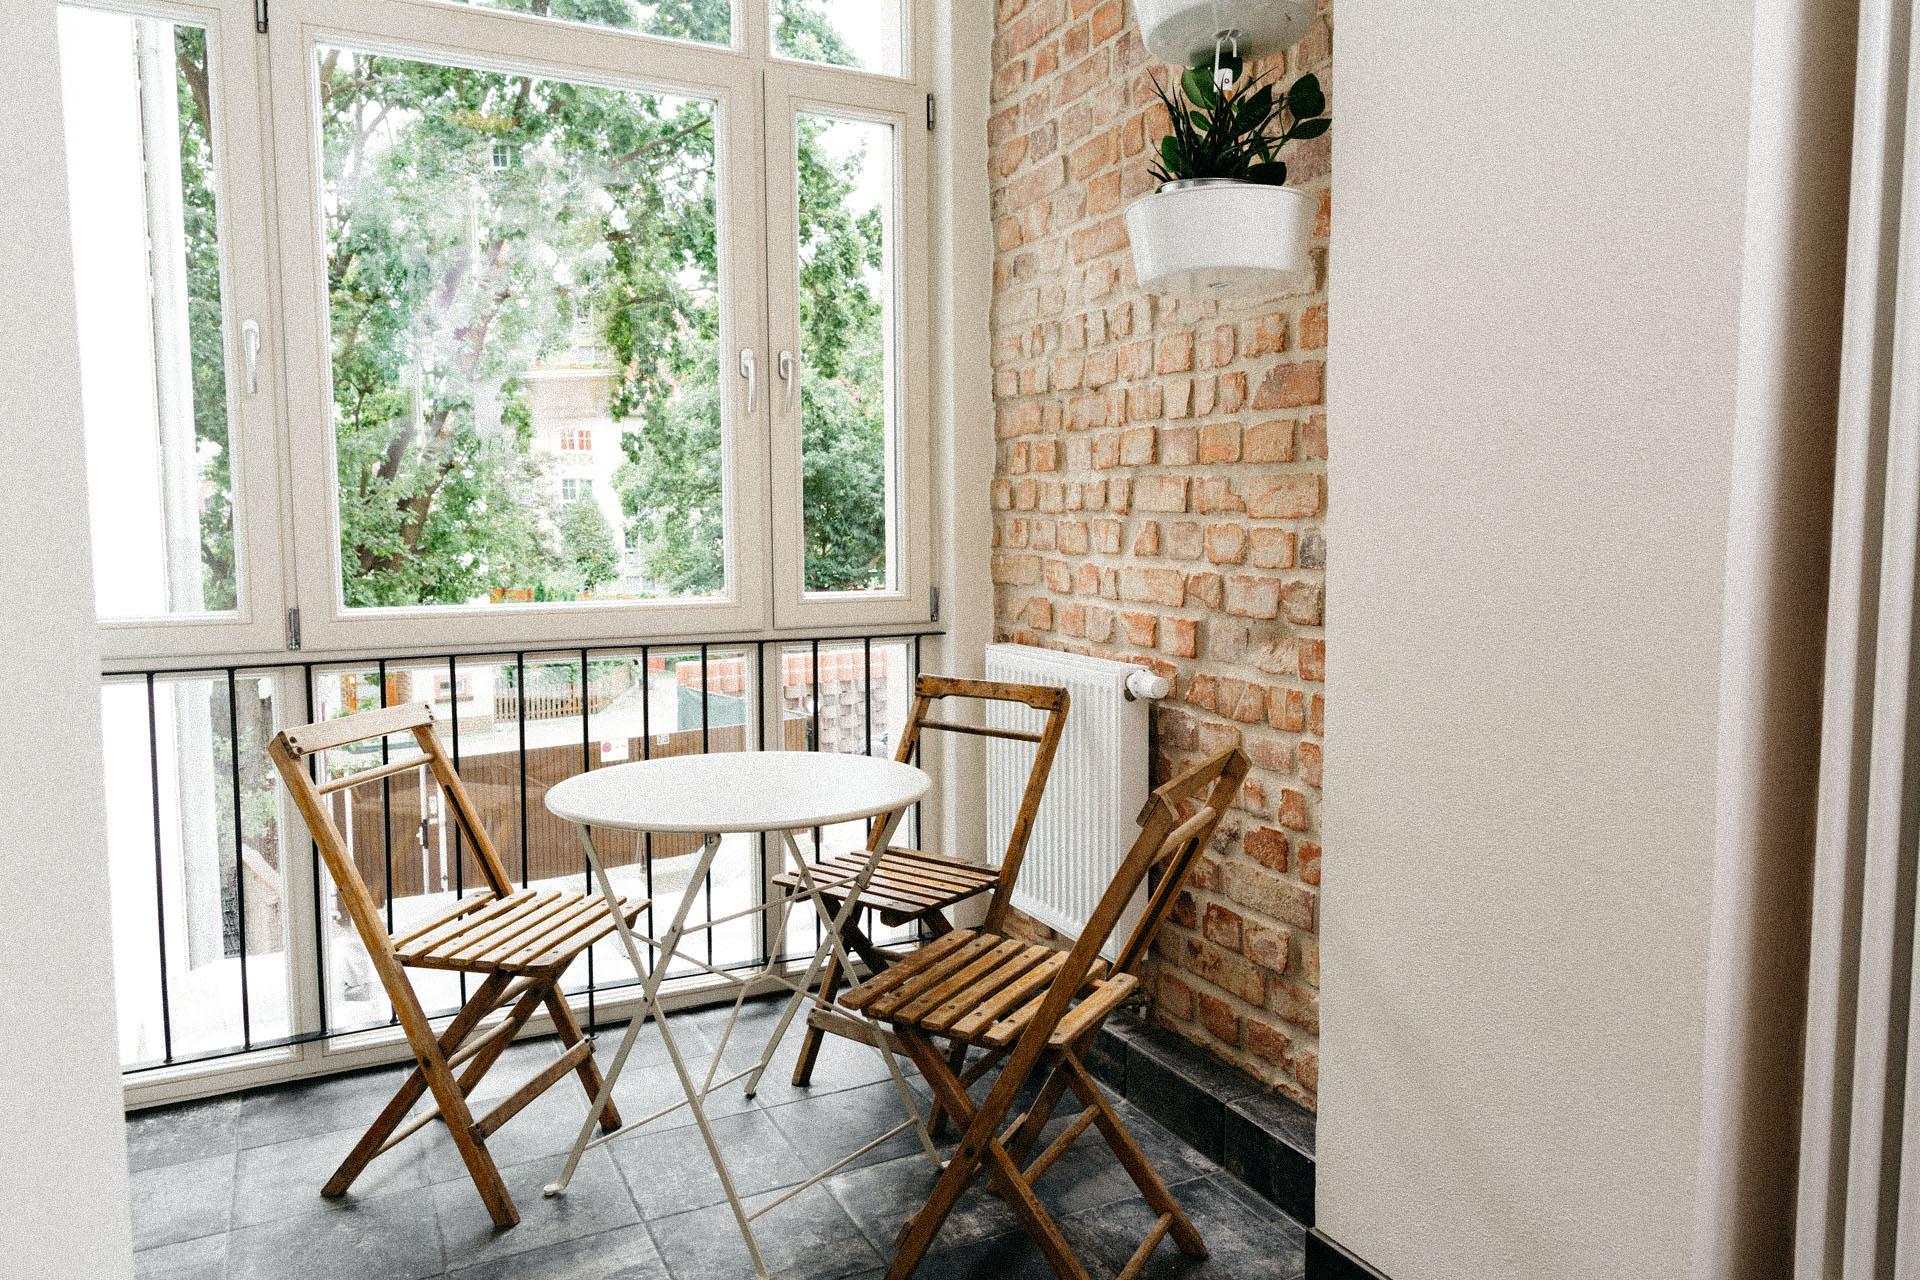 Schöne Terrasse mit schmalen Holzstühlen und großen Fenstern davor